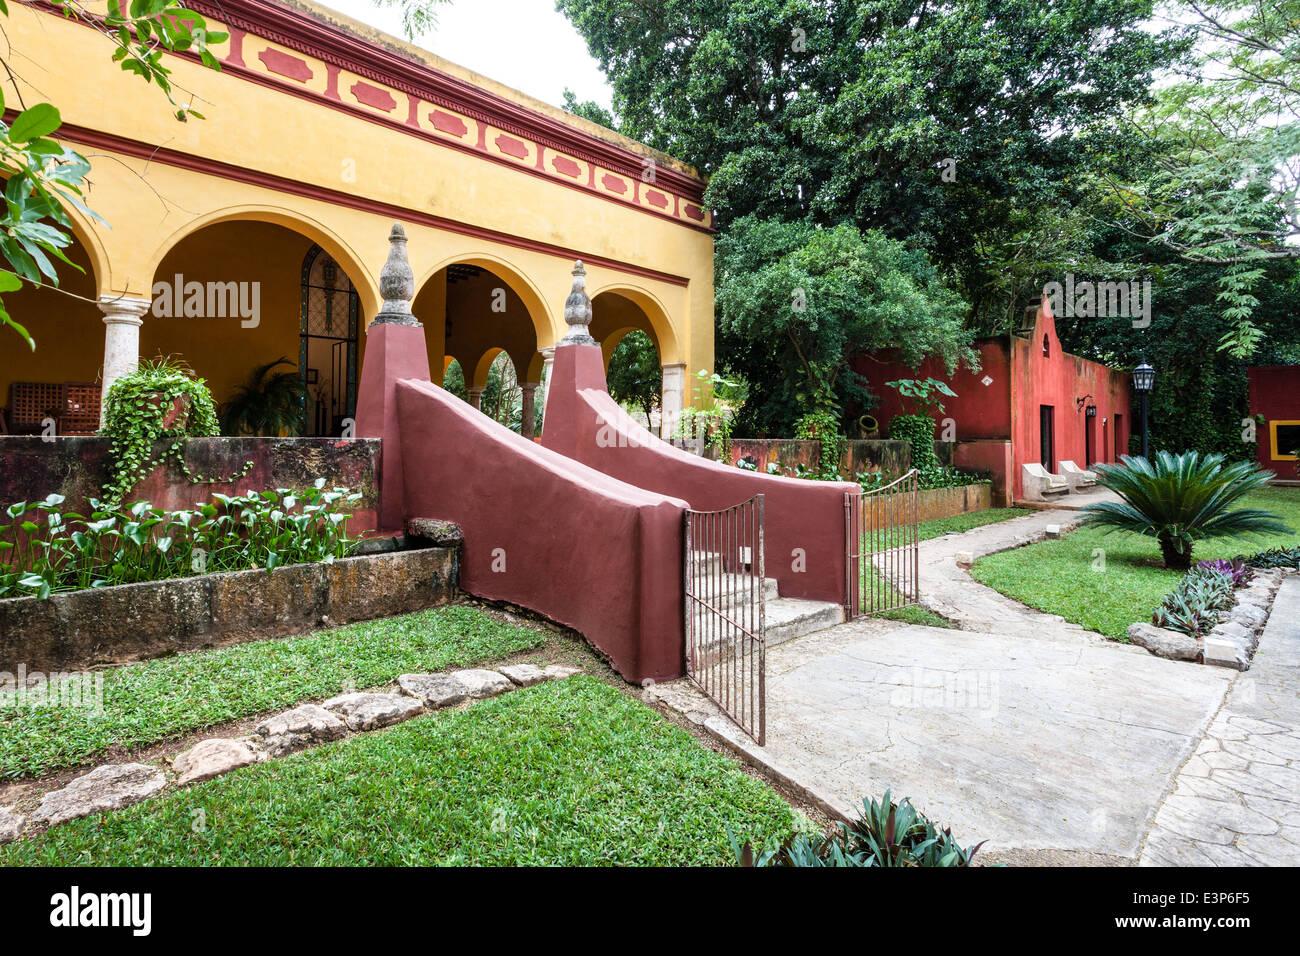 Entrée de l'hacienda misne à Merida, Yucatan, Mexique. Photo Stock